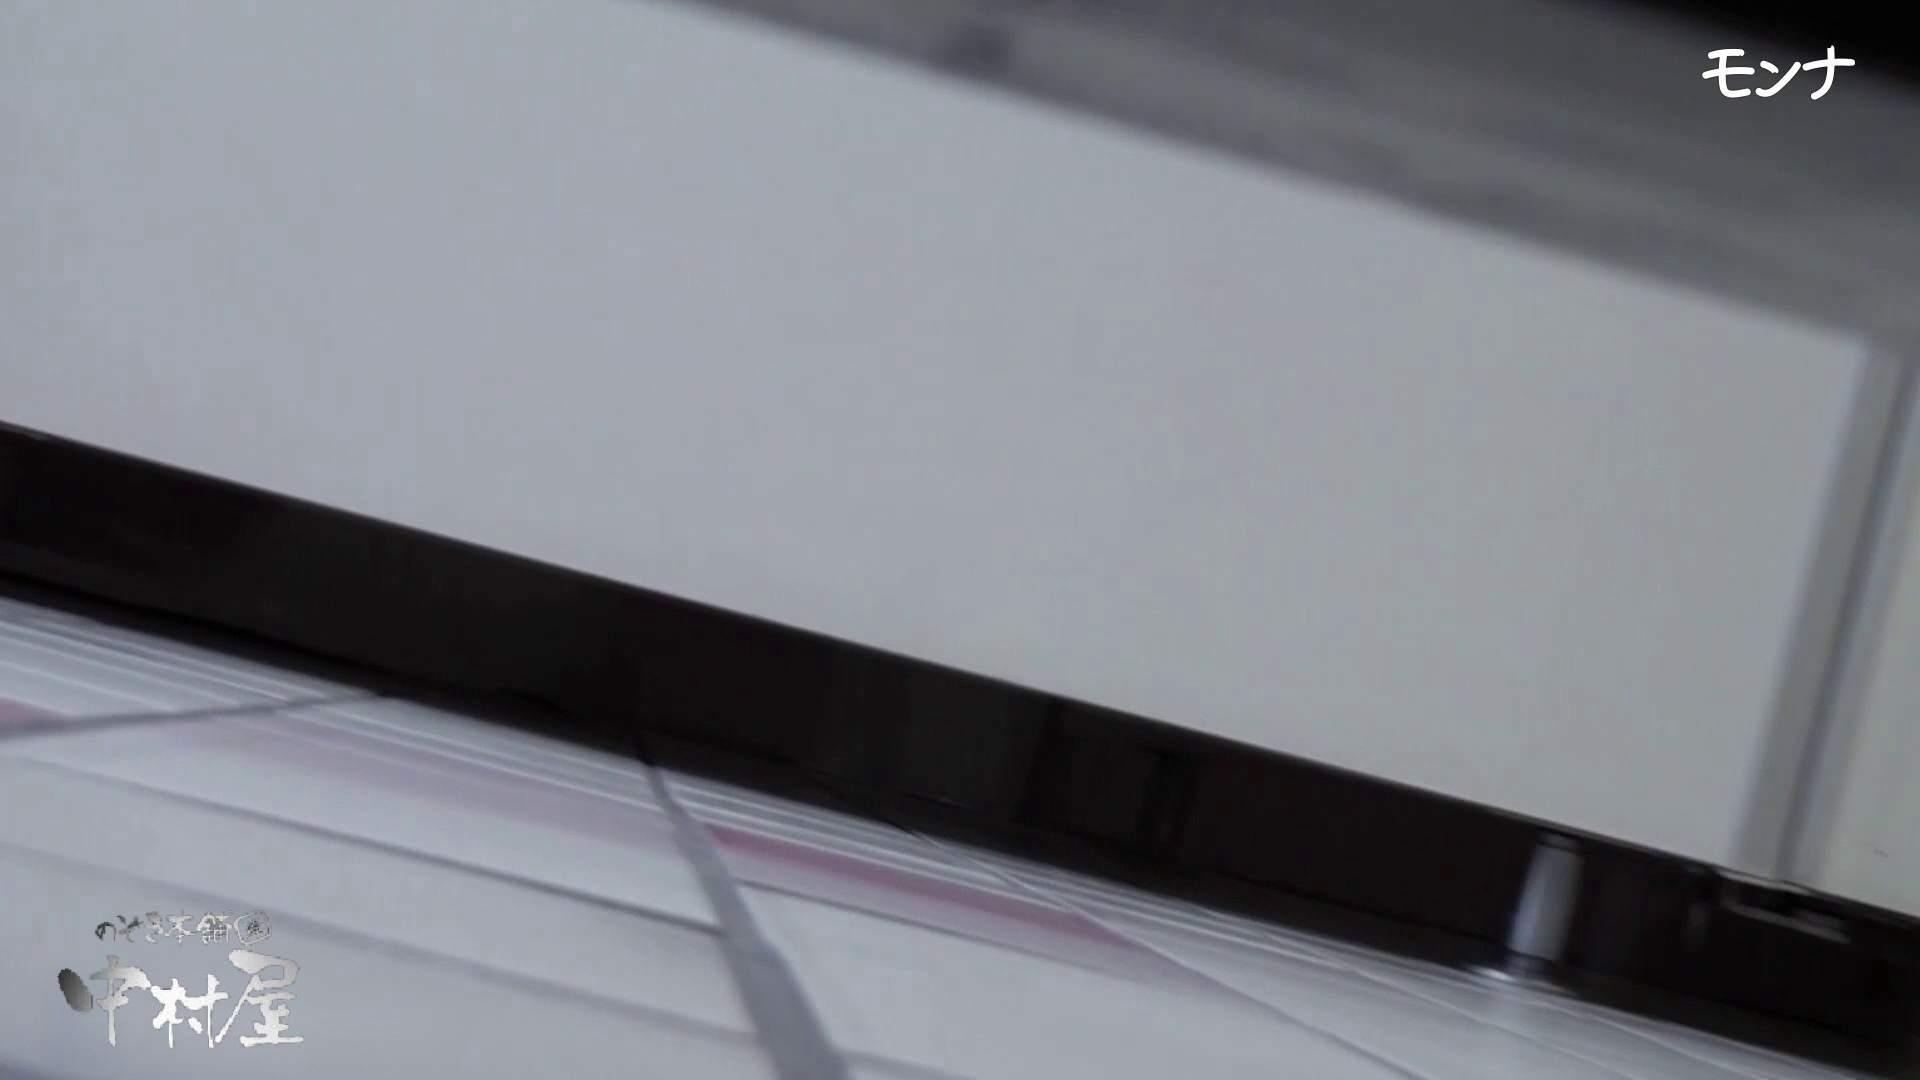 【美しい日本の未来】美しい日本の未来 No.69 ひやっと!終始15cmのしらすを垂らしながら・・・ おまんこ大好き   盗撮動画  10枚 5